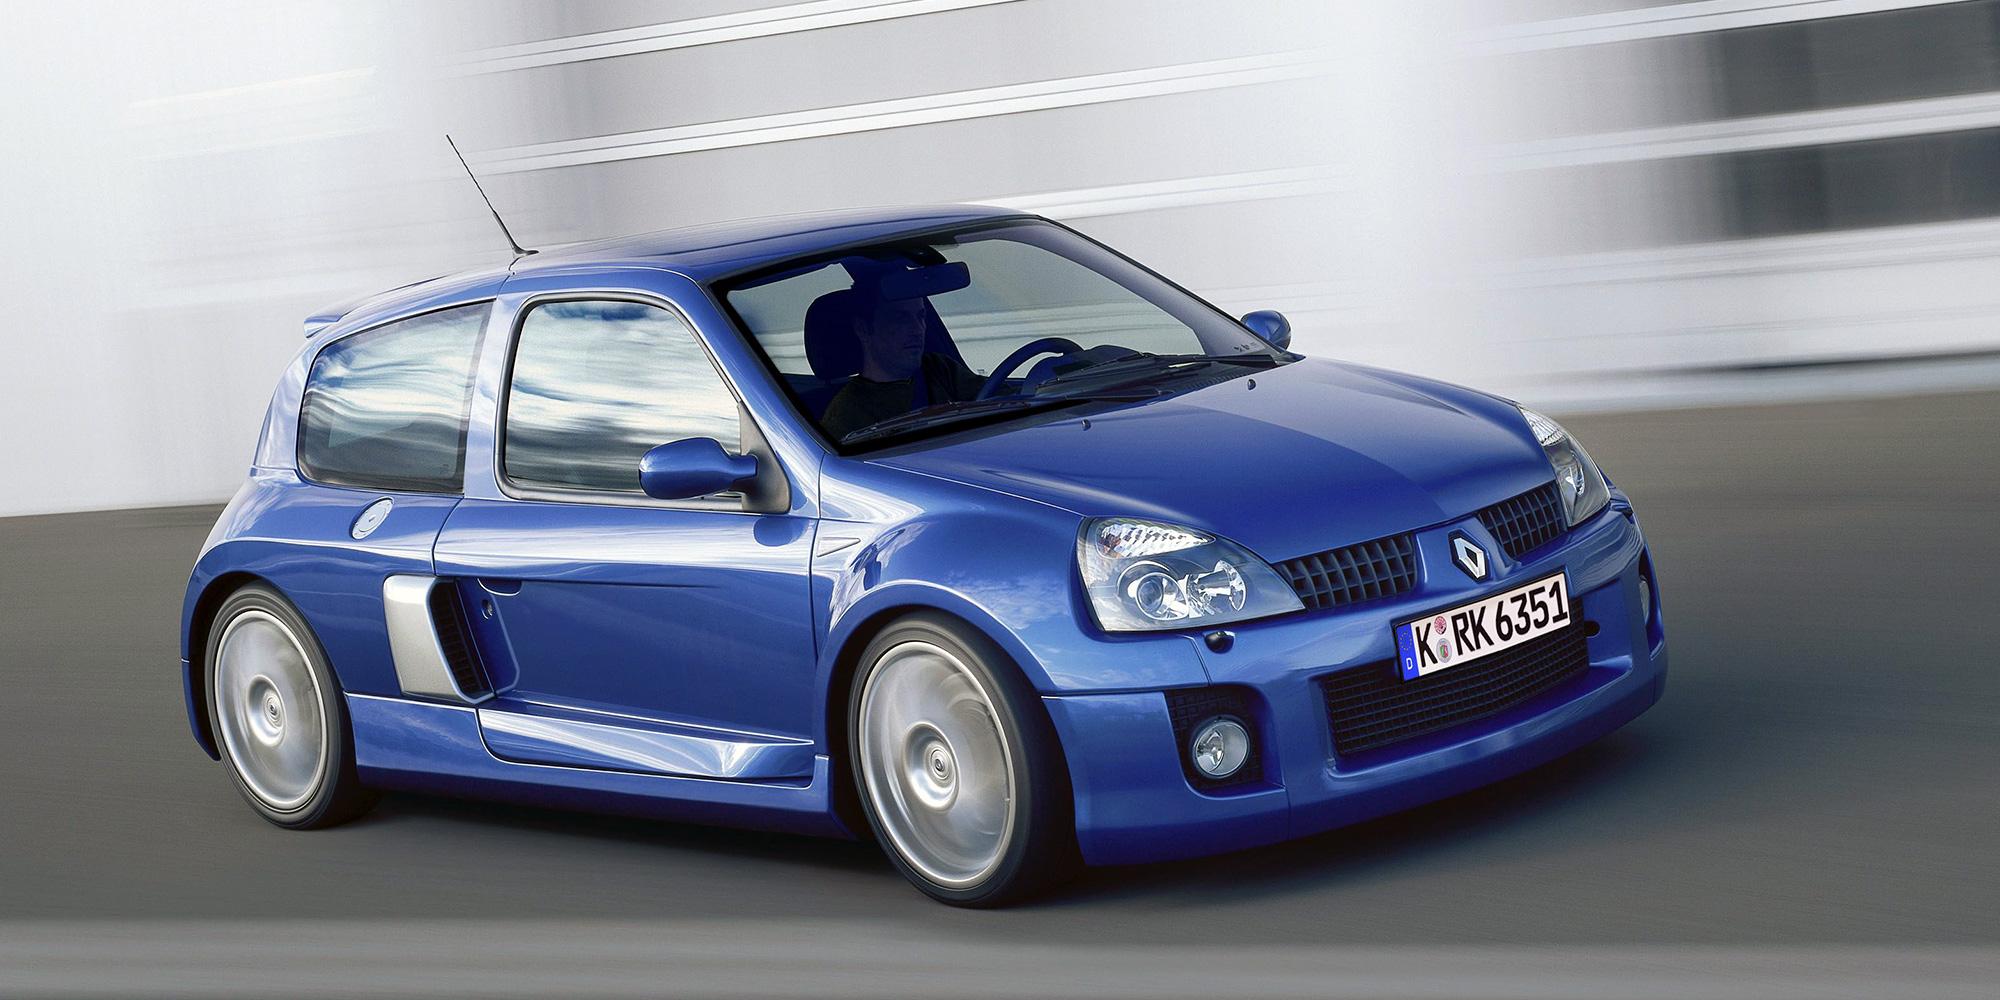 Clio V6, 2003